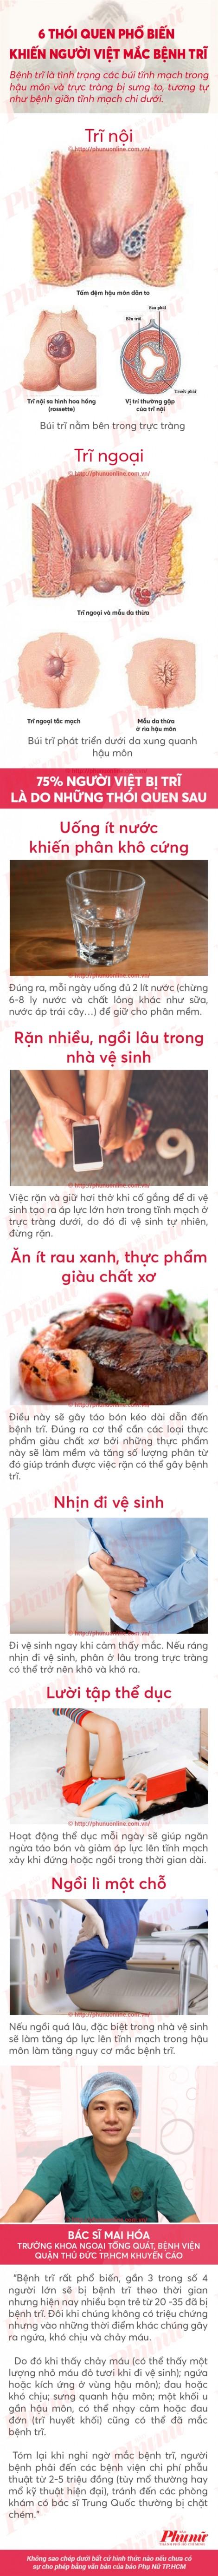 6 thói quen phổ biến khiến người Việt mắc bệnh trĩ